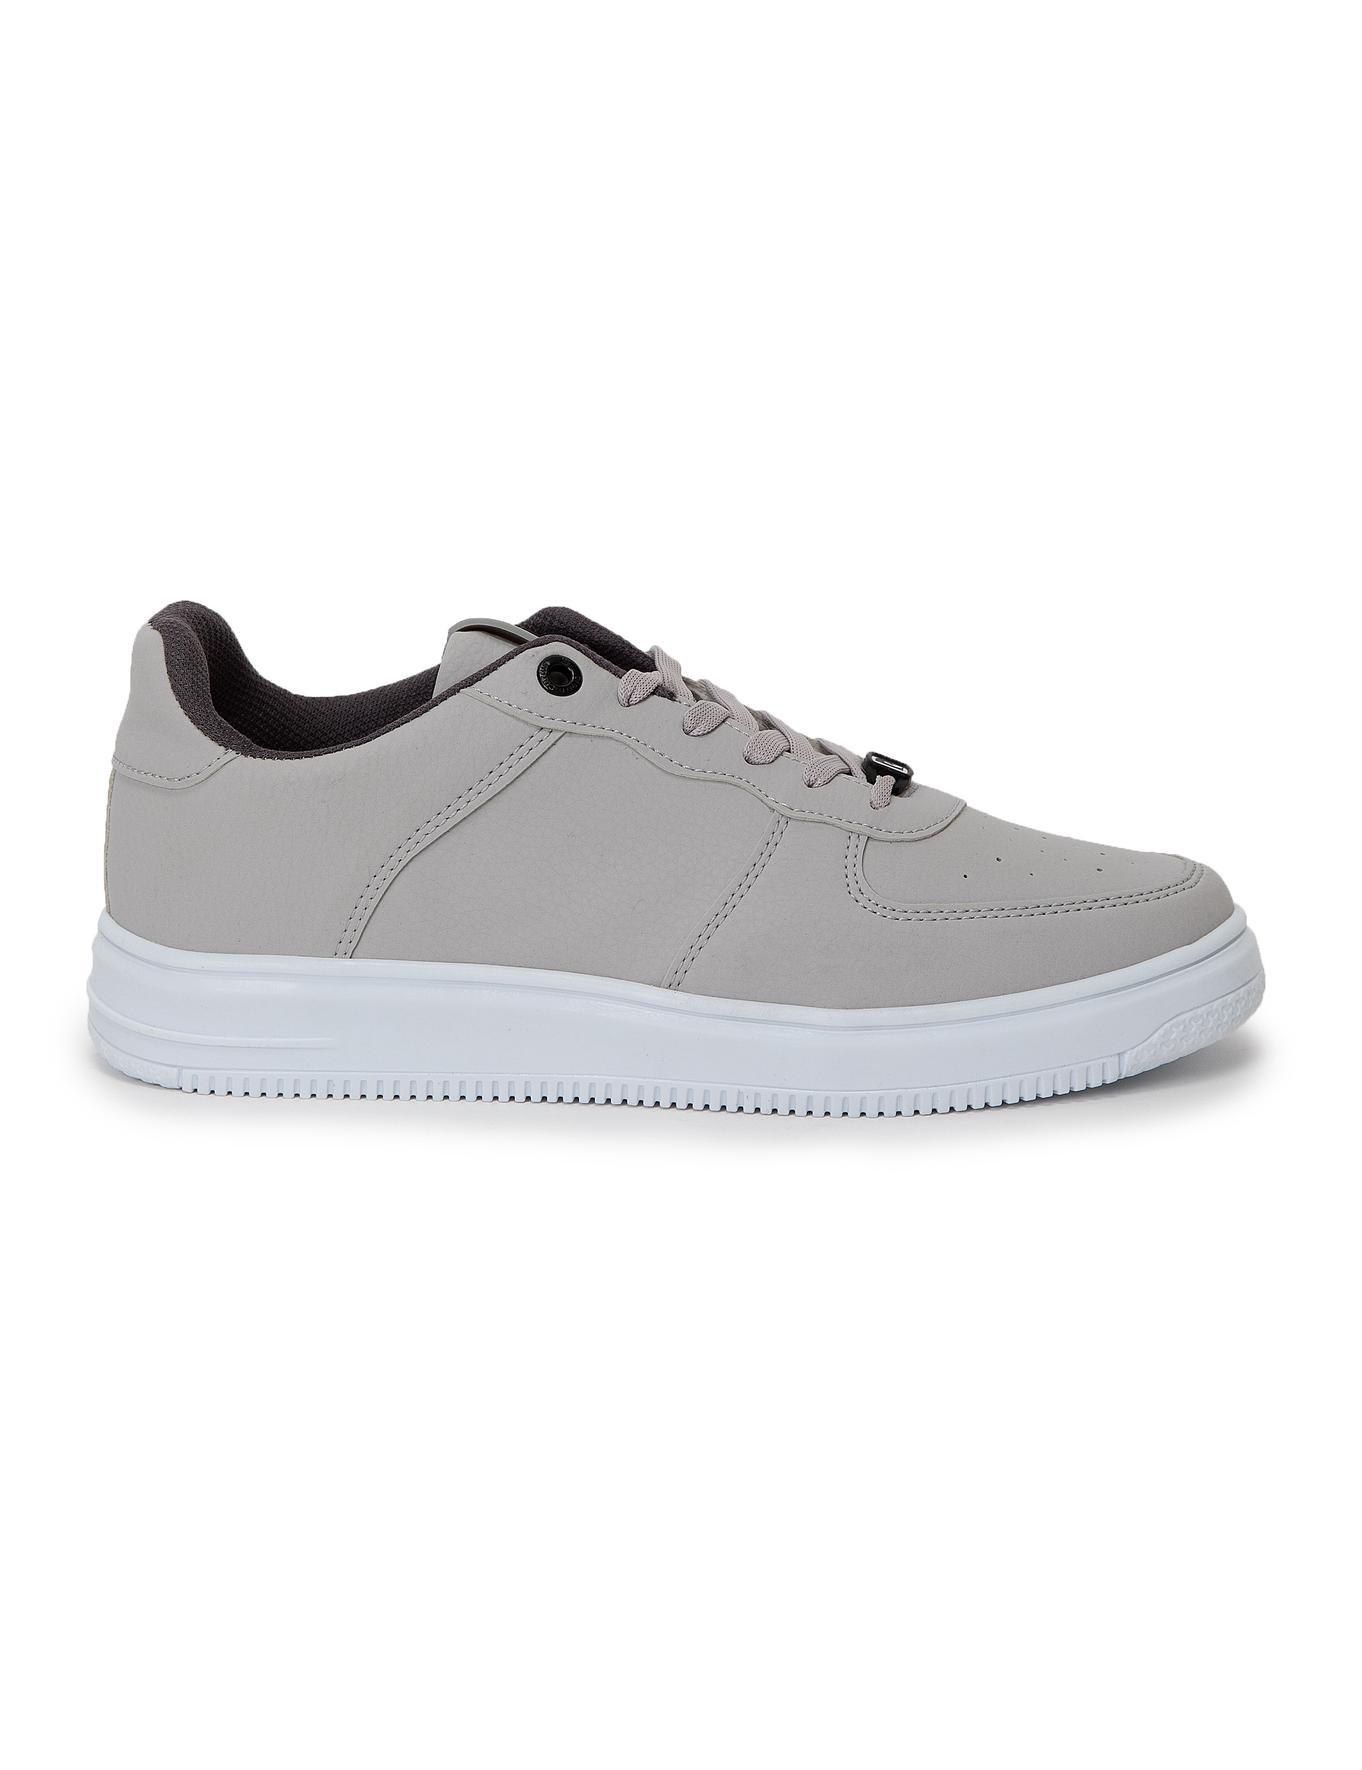 Gri Sneakers Ayakkabı